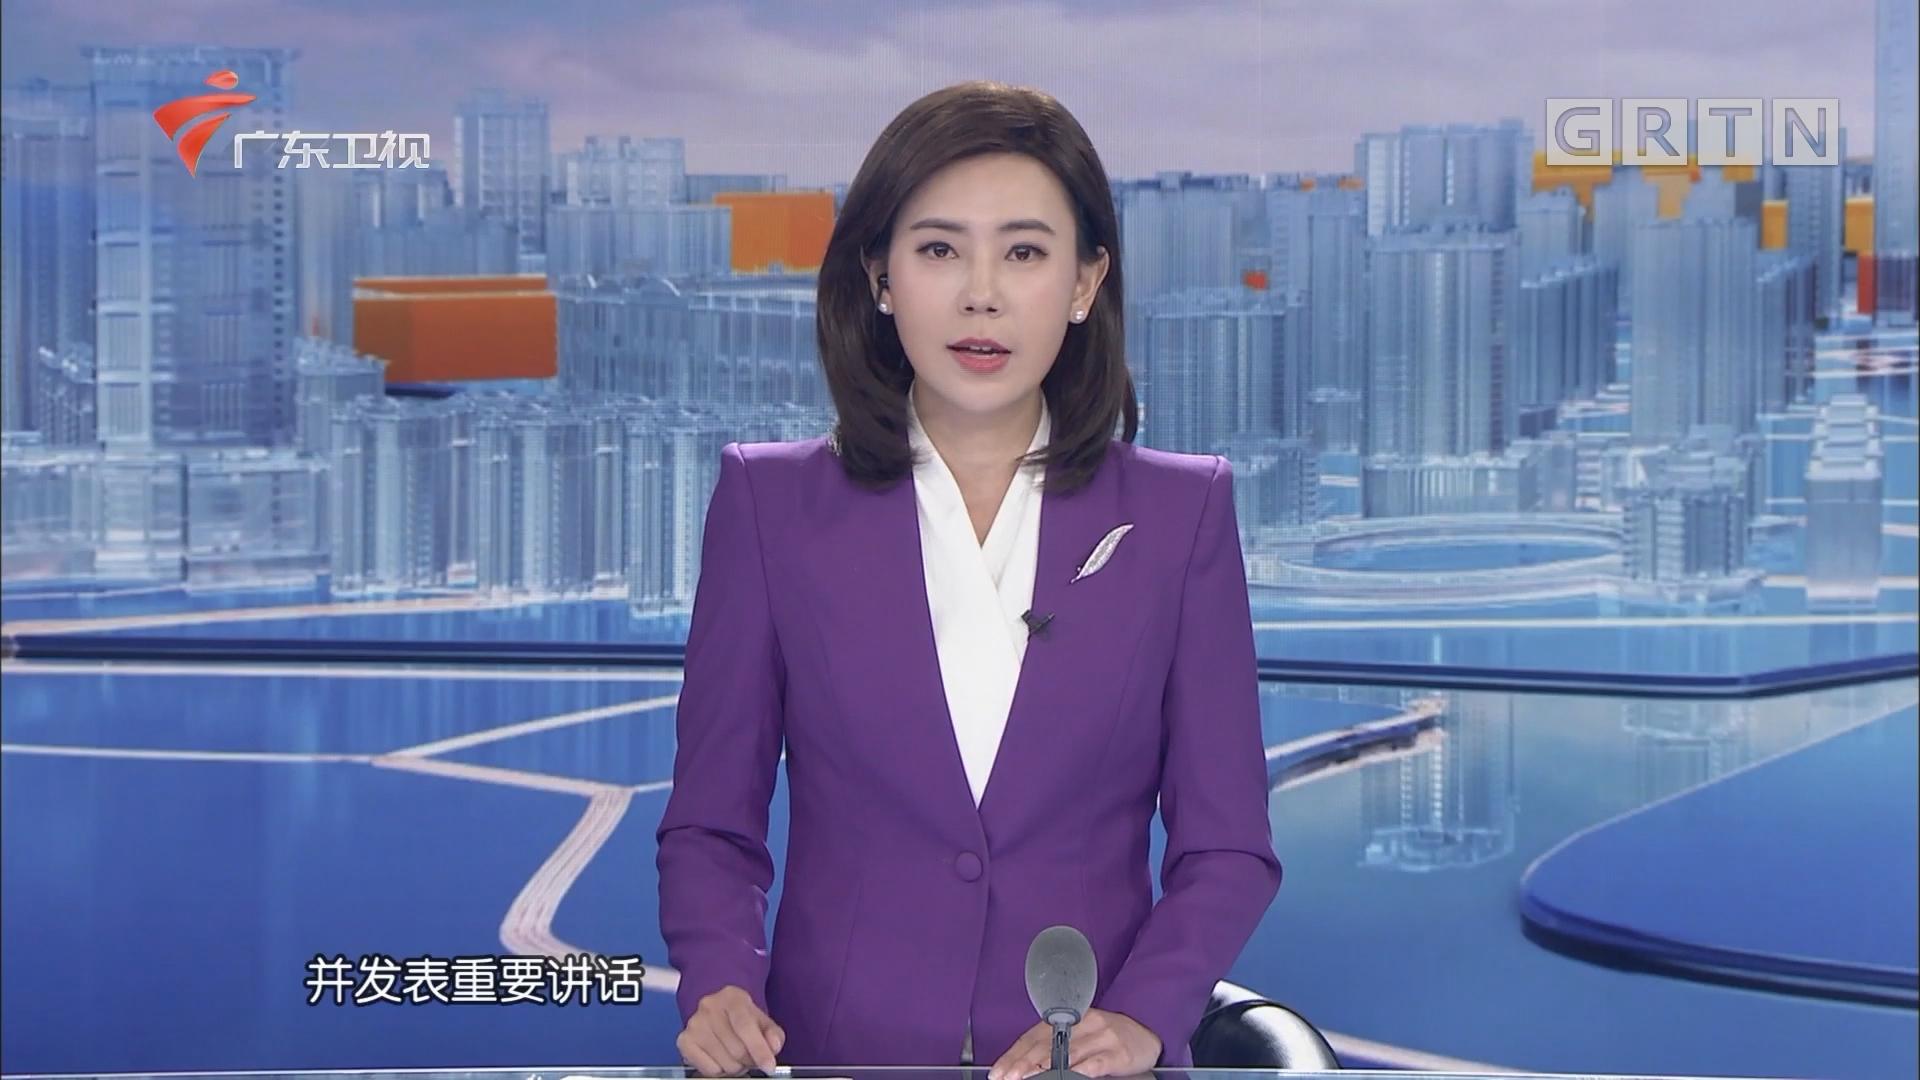 习近平总书记主持召开中央全面依法治国委员会第三次会议并发表重要讲话